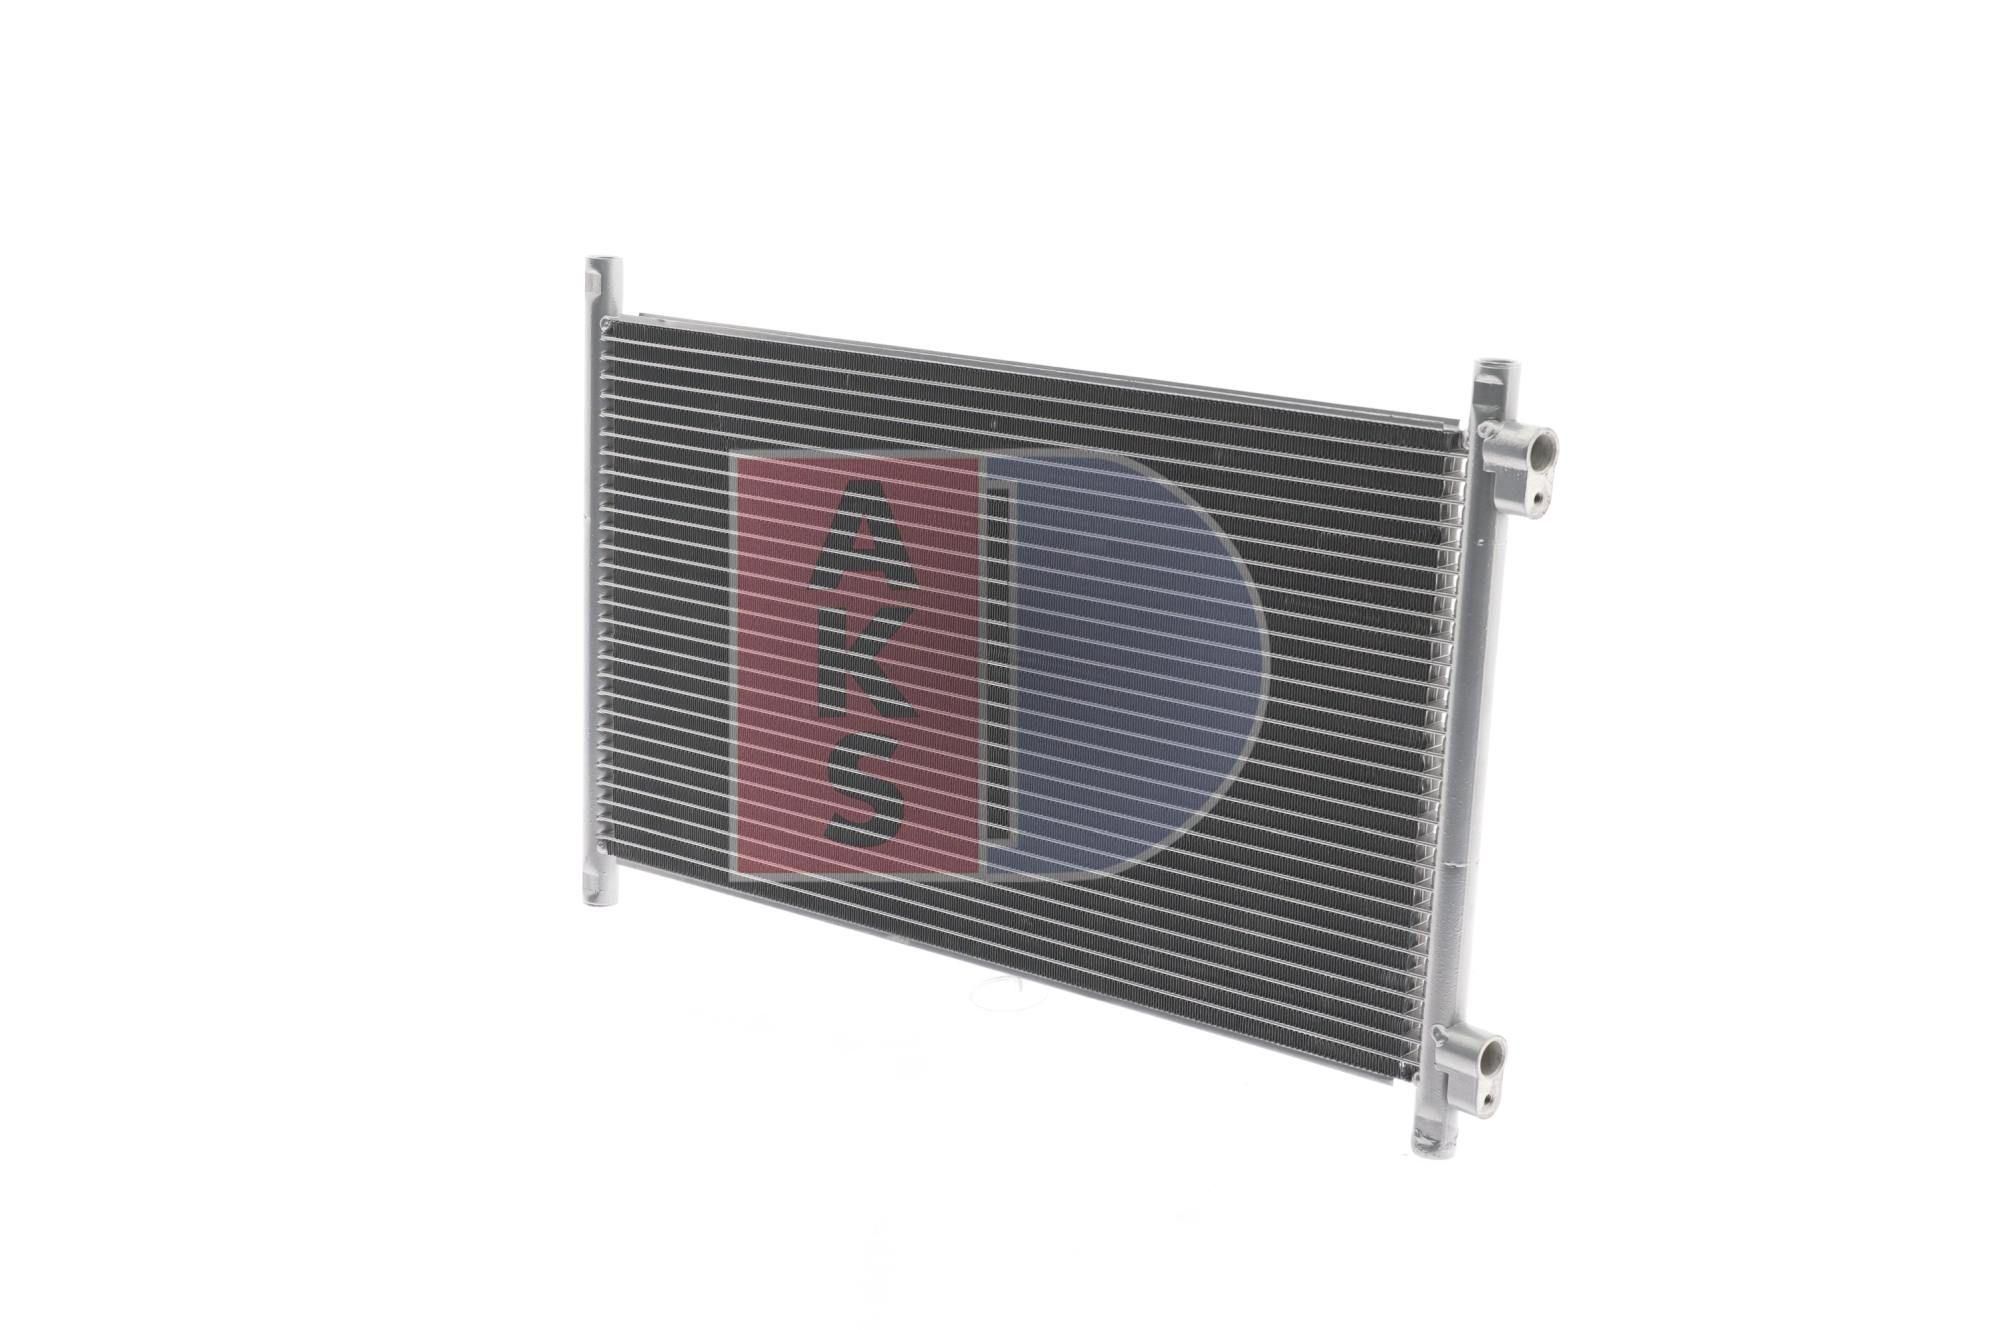 Kondensator Klimaanlage AKS DASIS 082370N Erfahrung